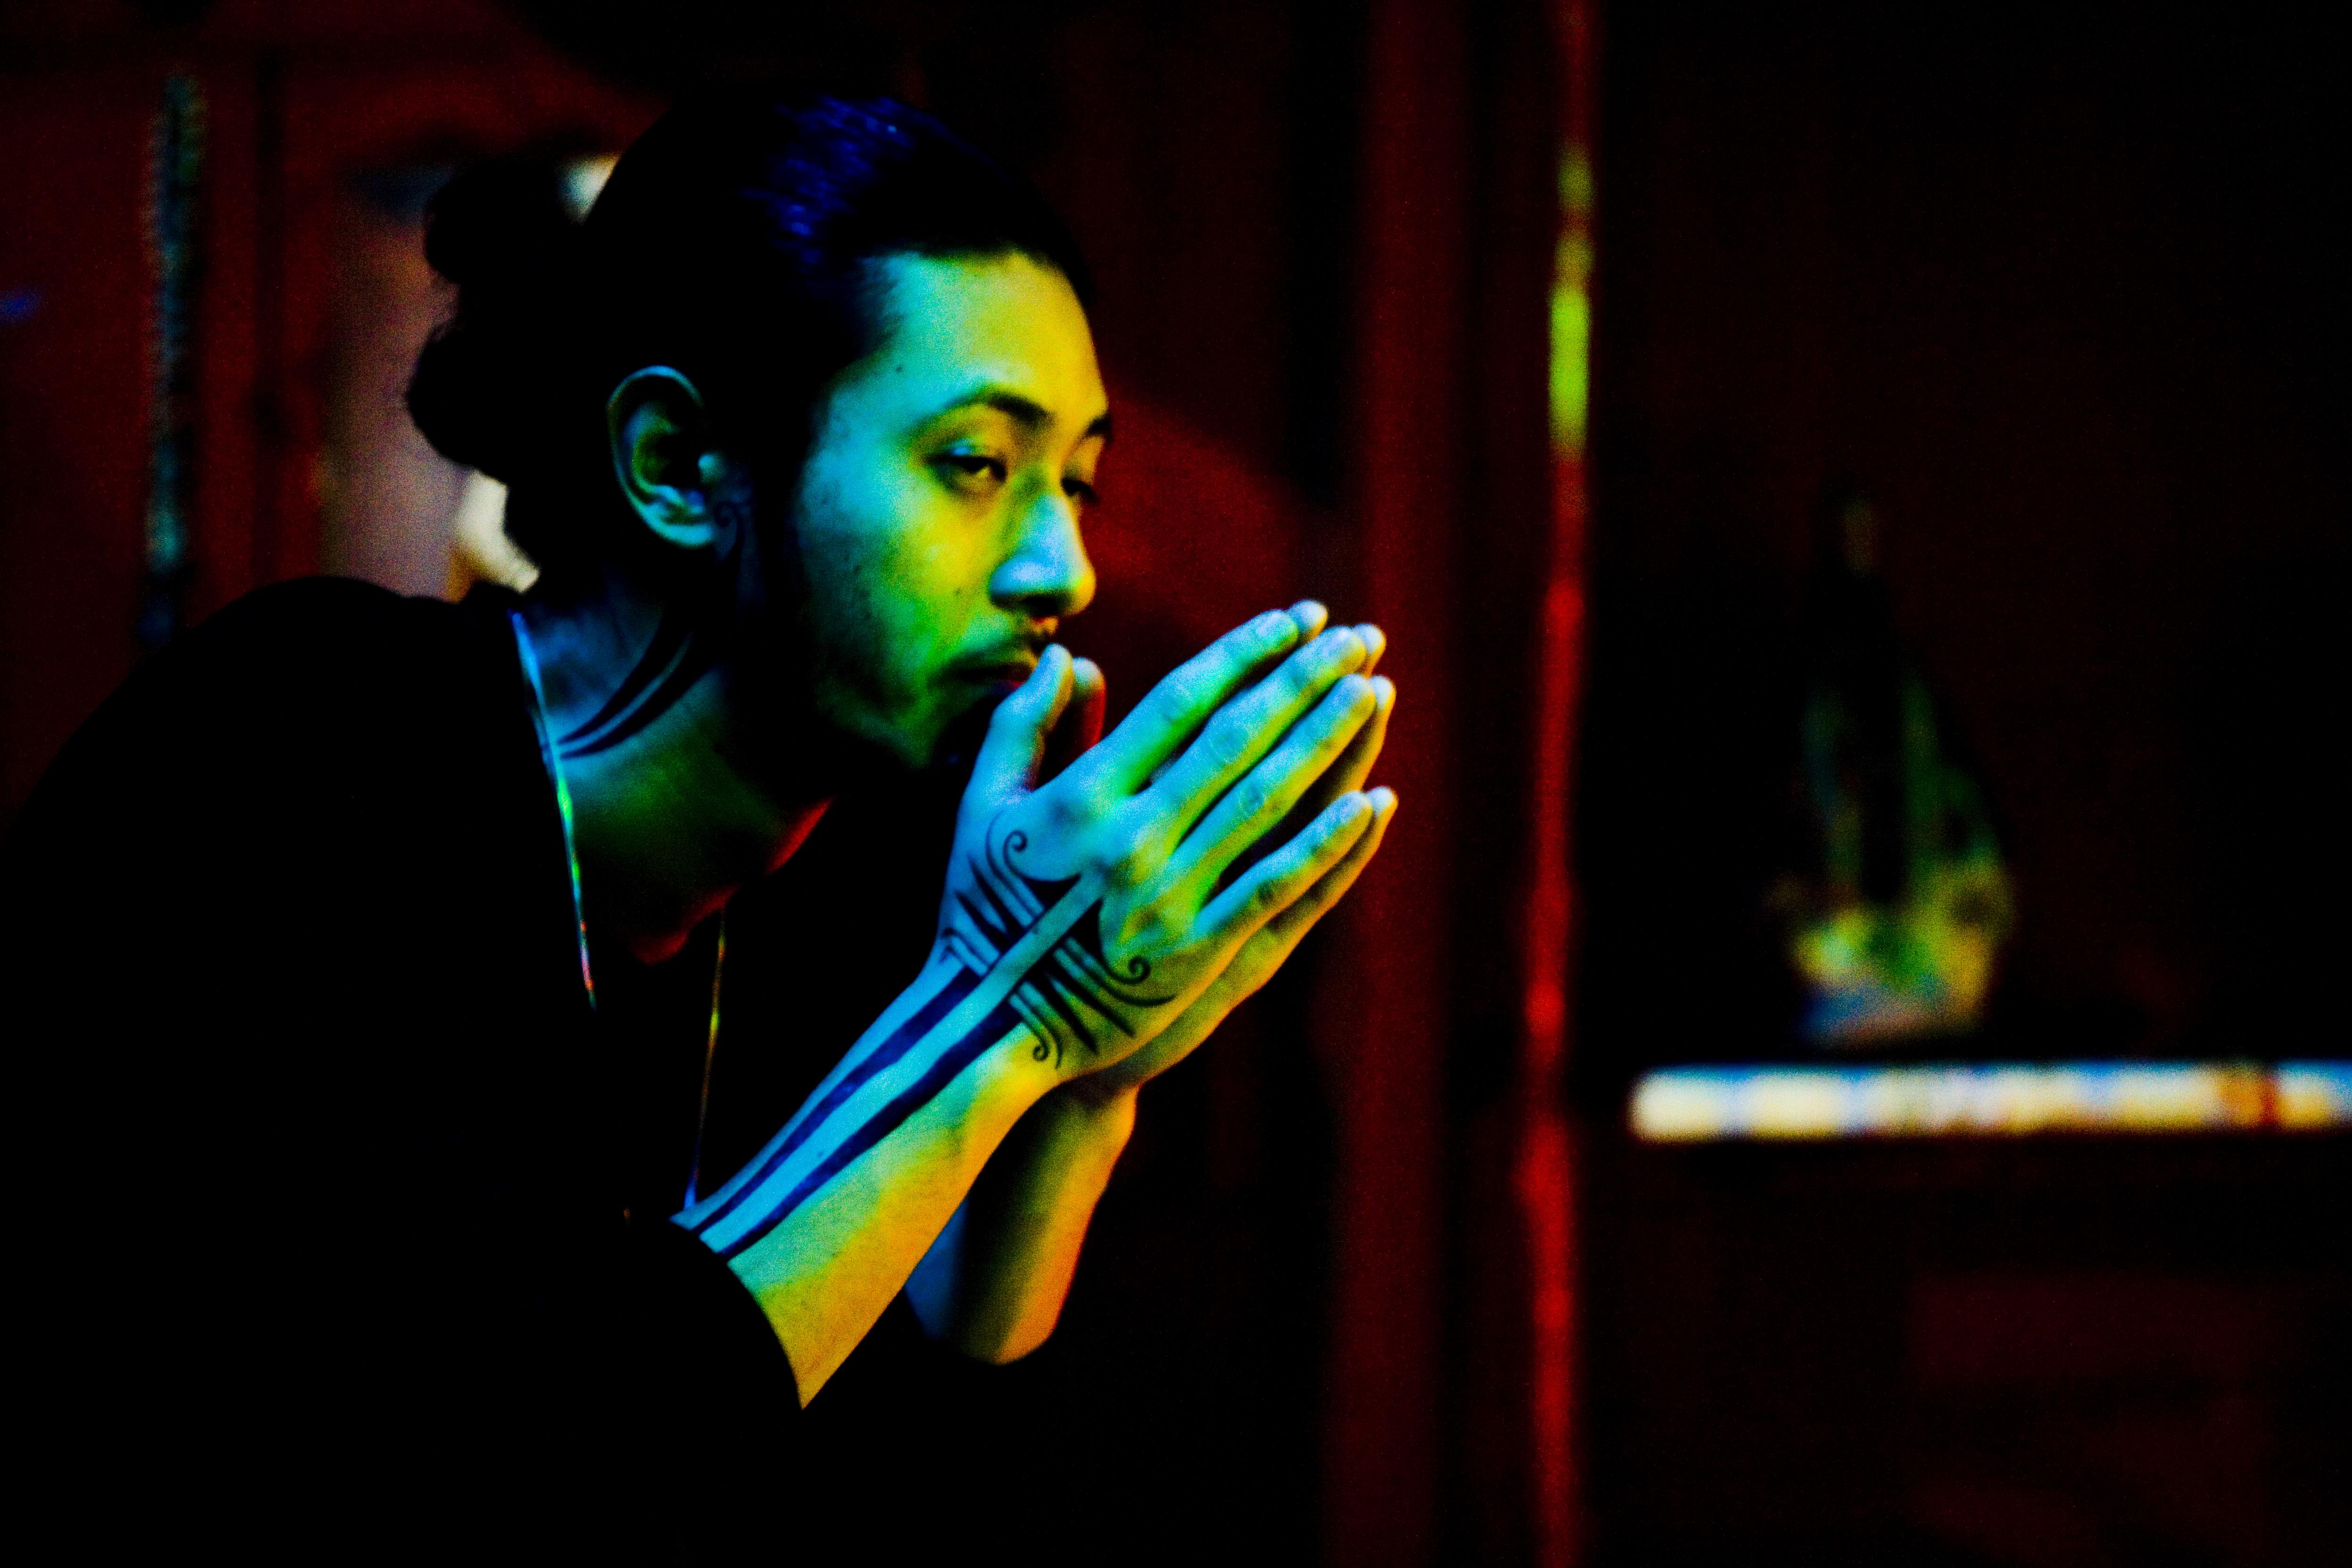 ATE I PADRI, E I BAMBINI BRUCIATI. Mostra del Cinema di Venezia 2008. IMMAGINE DA PLASTIC CITY DI NELSON YI LIK-WAI